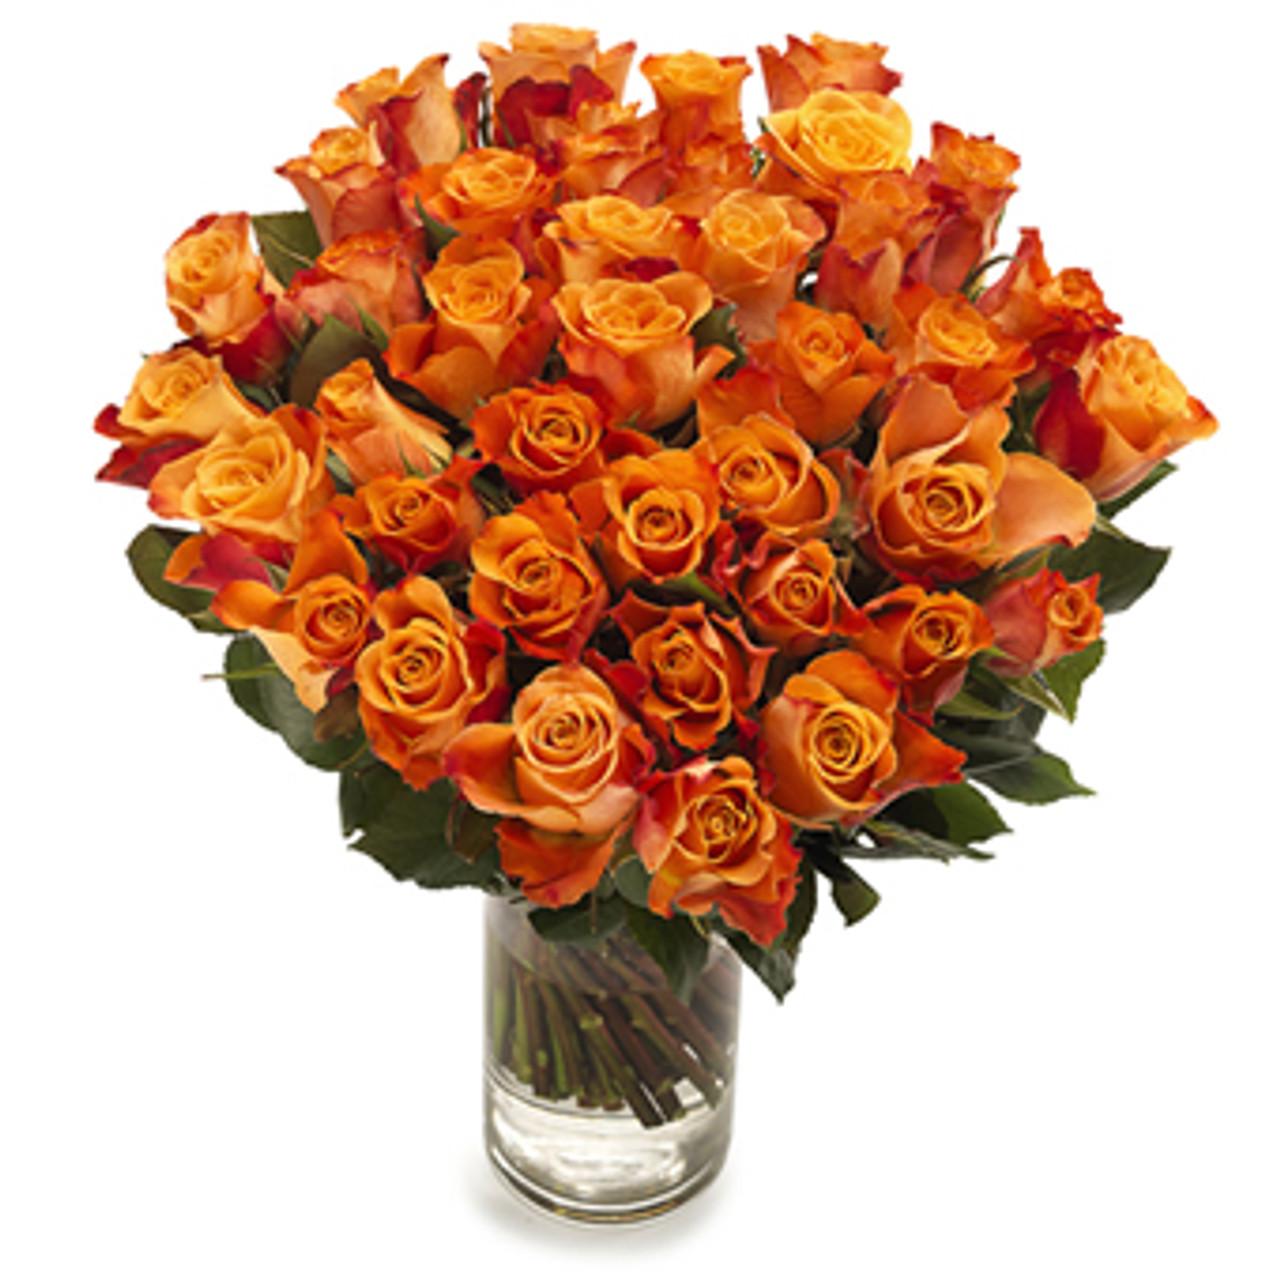 36 Korean Orange Roses Bouquet